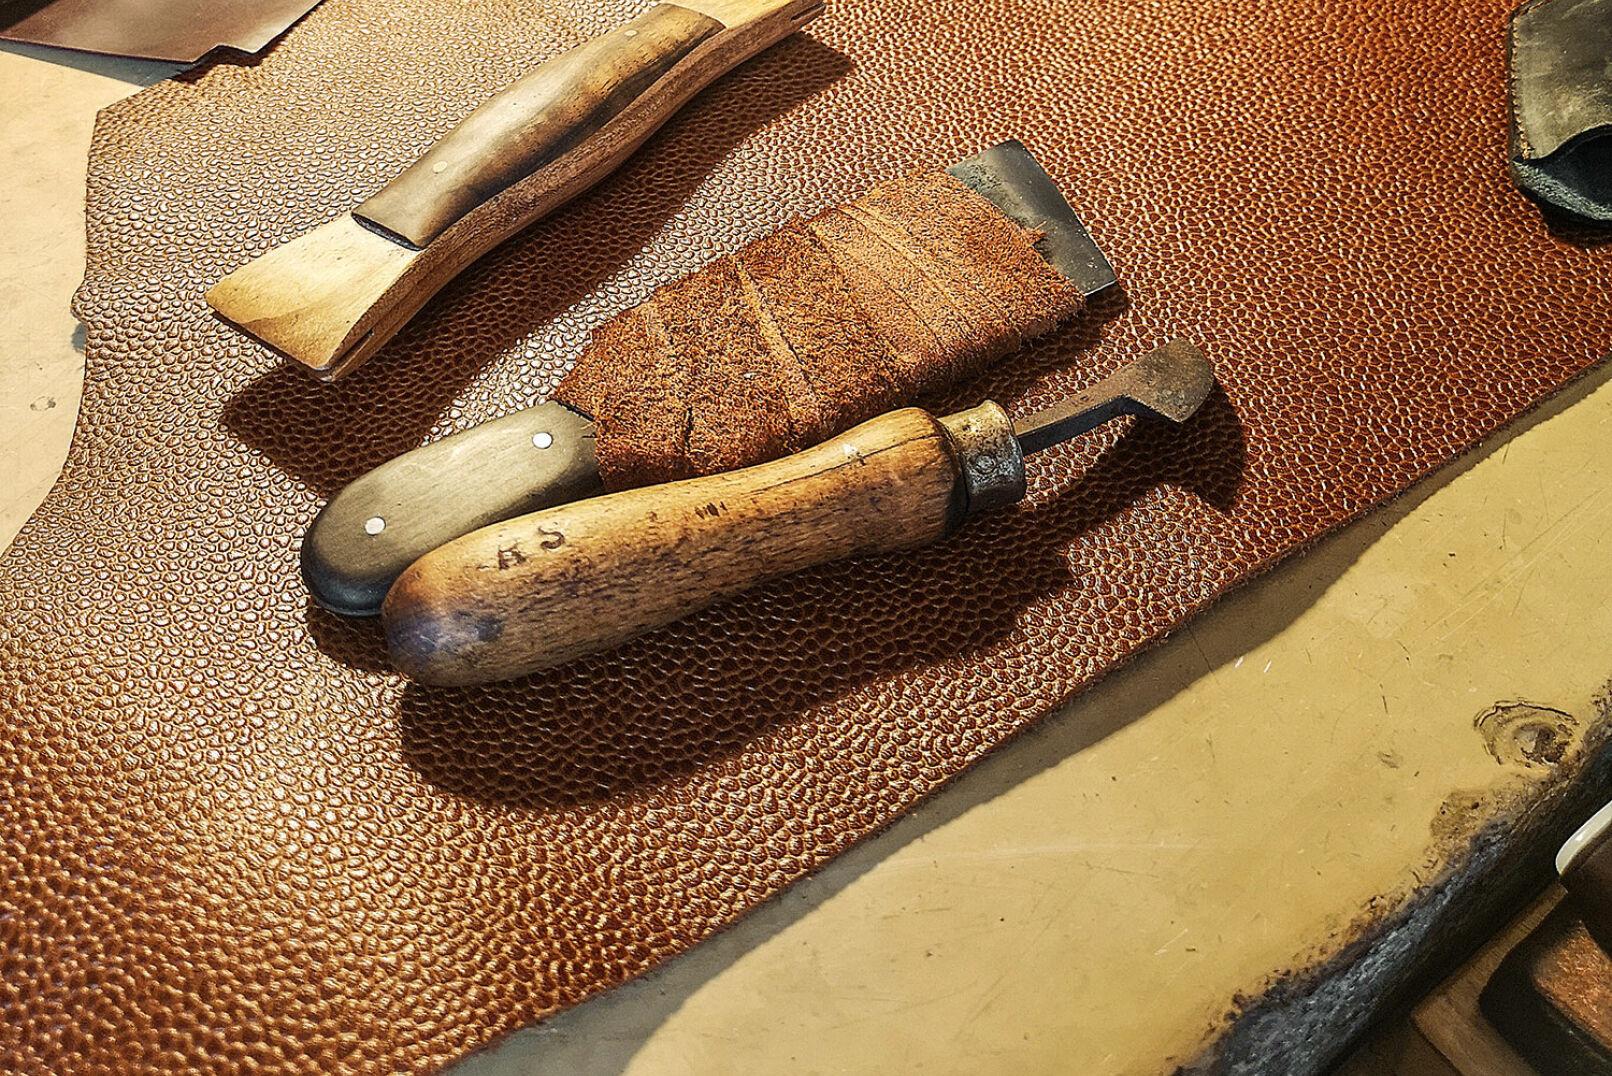 Ein Lederstreifen um die messerscharfe Klinge des Werkzeugs sorgt für festen Halt & sicheren Griff.